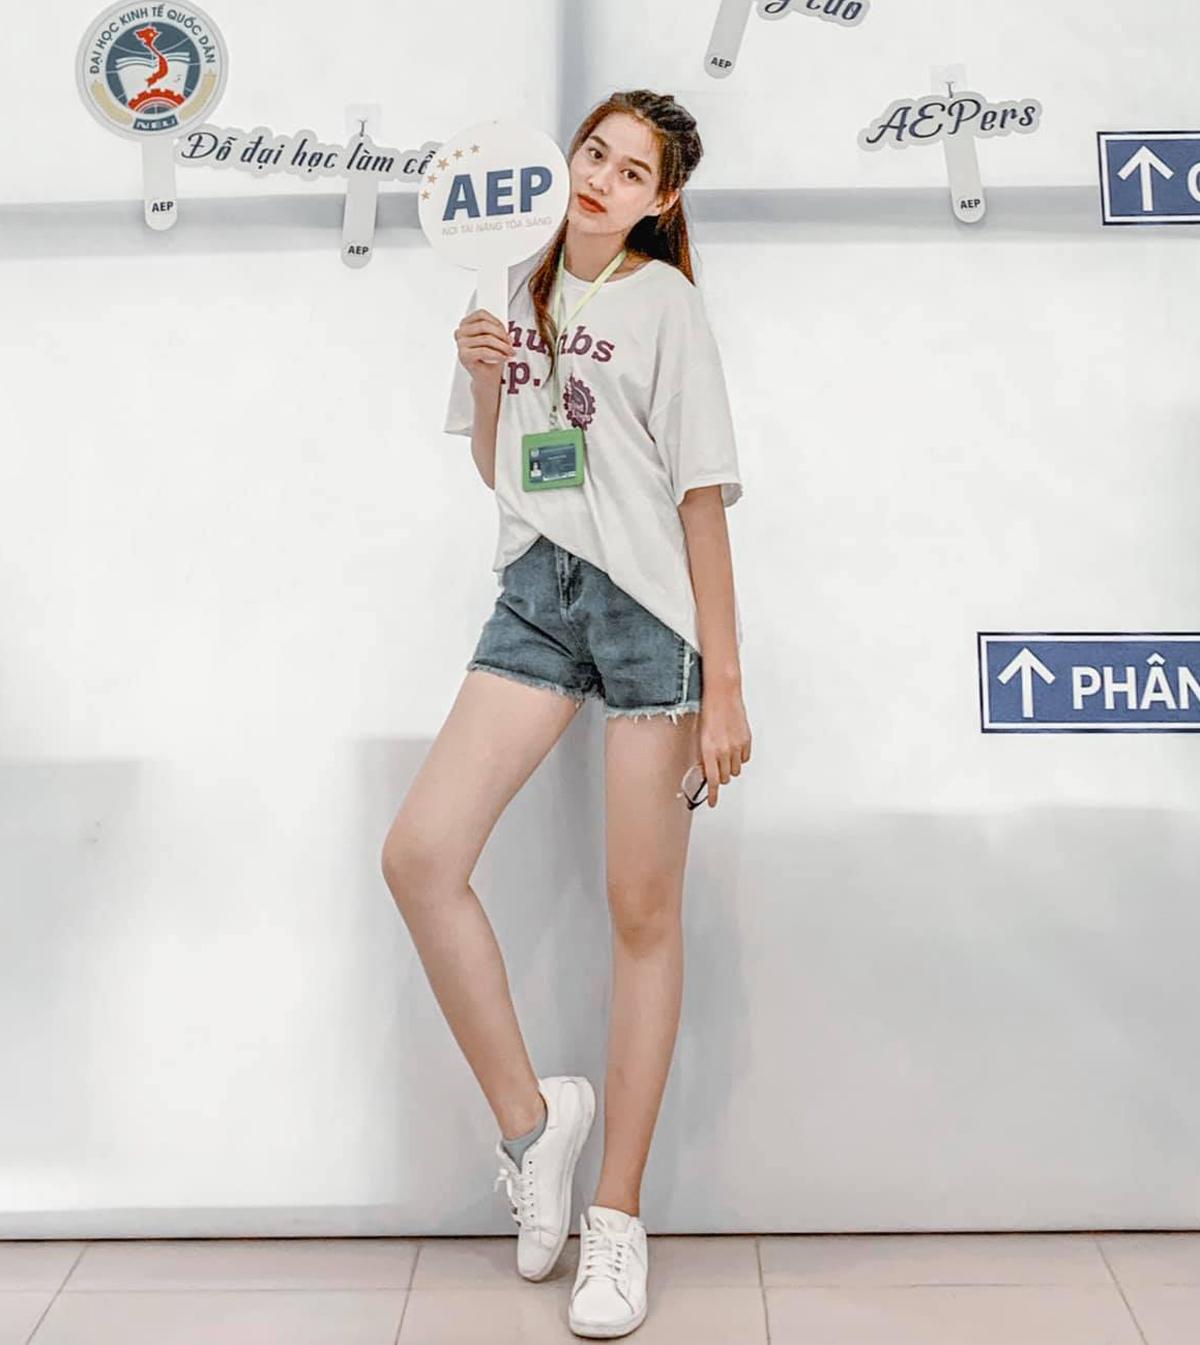 Đôi chân dài 1,11 m thẳng tắp chính là lợi thế của Đỗ Hà giúp cô chinh phục được mọi style quần áo cơ bản.